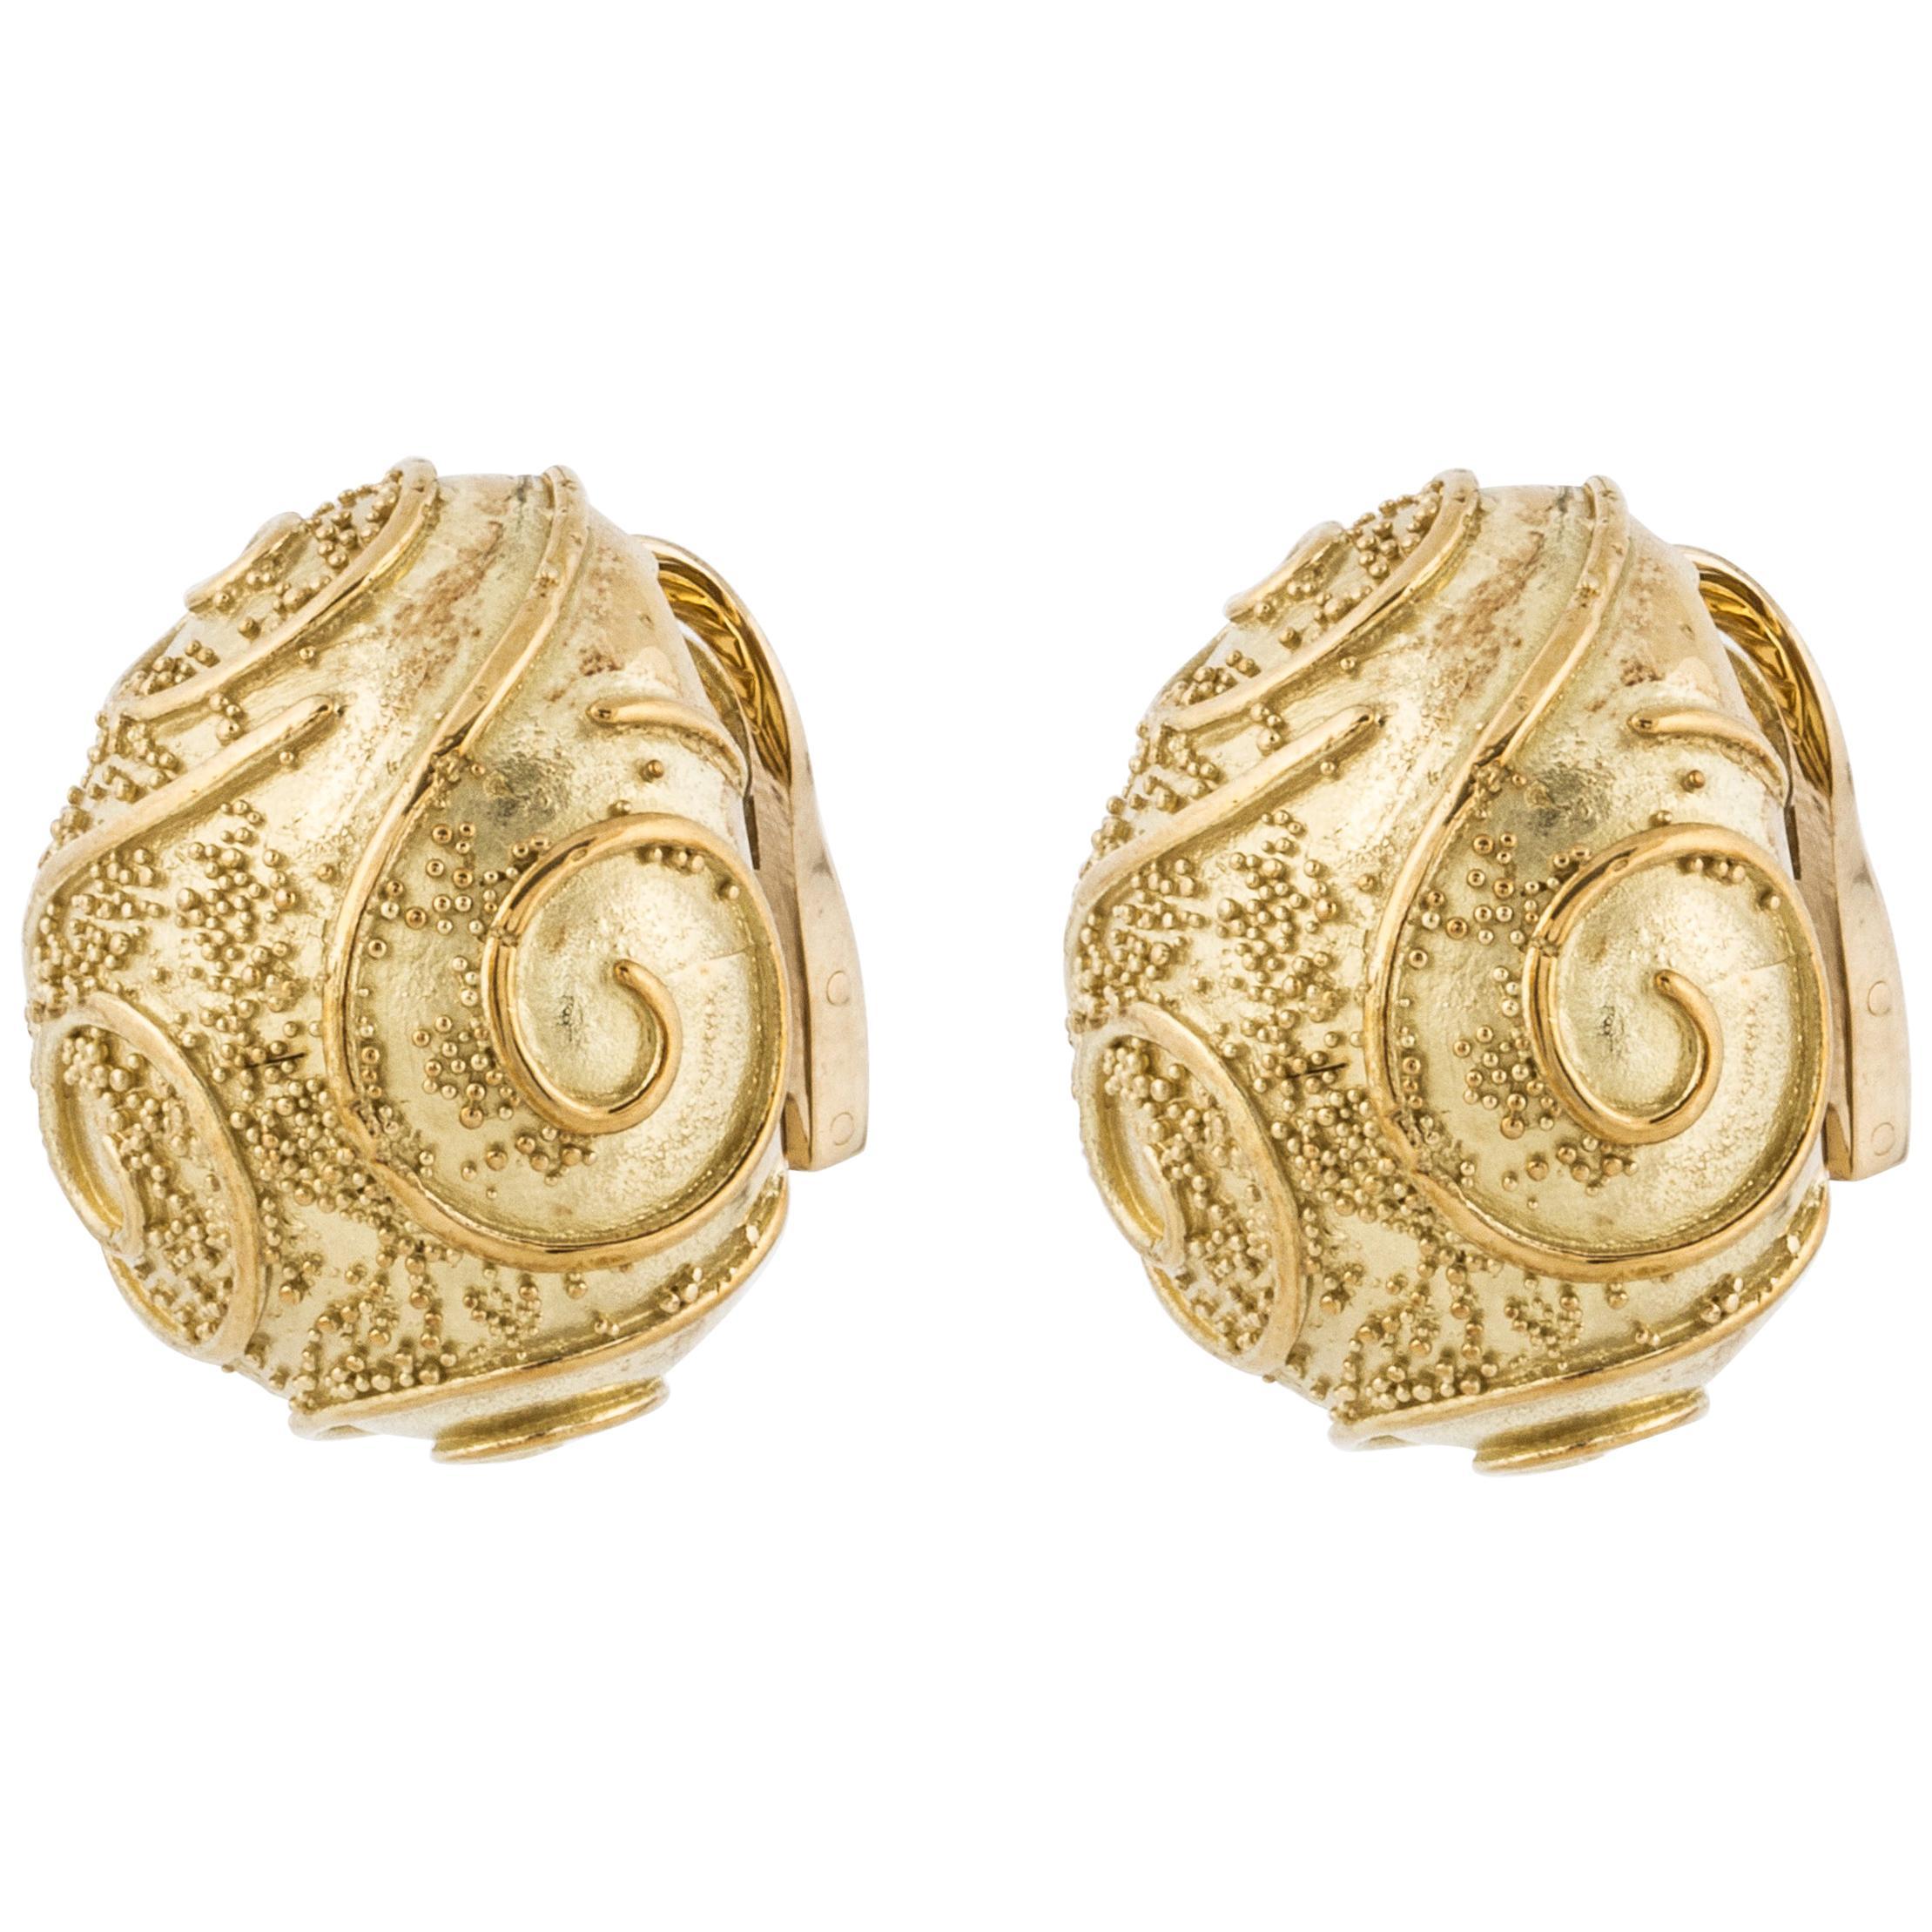 Elizabeth Gage San Marco Yellow Gold Earrings